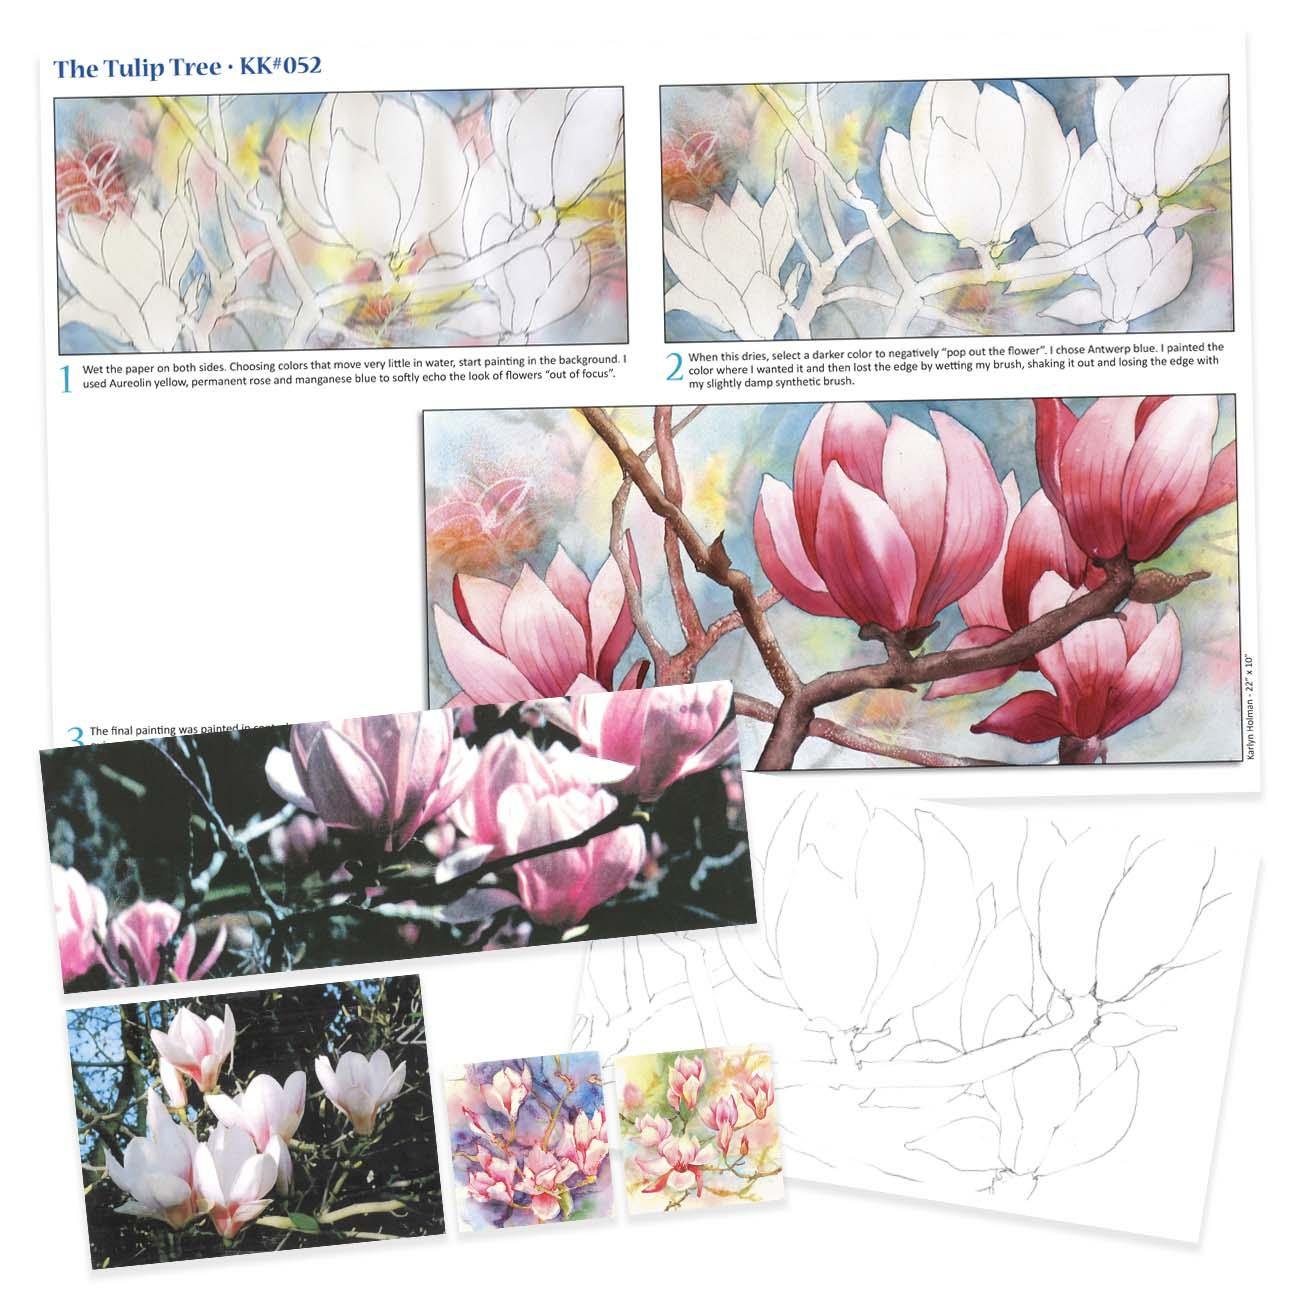 KK052 The Tulip Tree